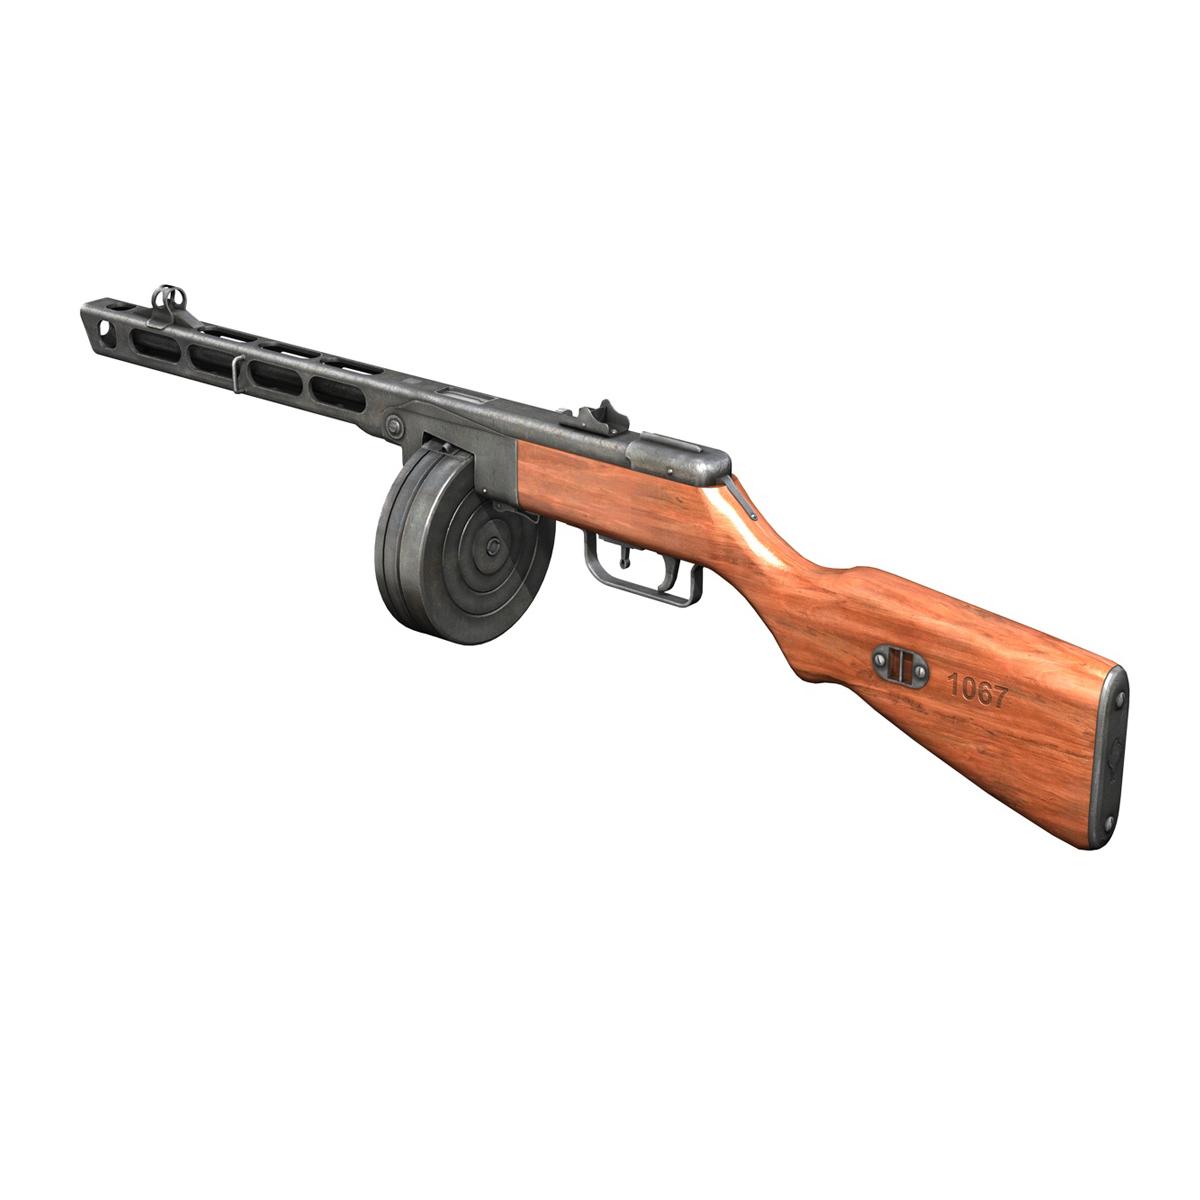 ppsh-41 – soviet submachine gun 3d model 3ds fbx c4d lwo obj 196954